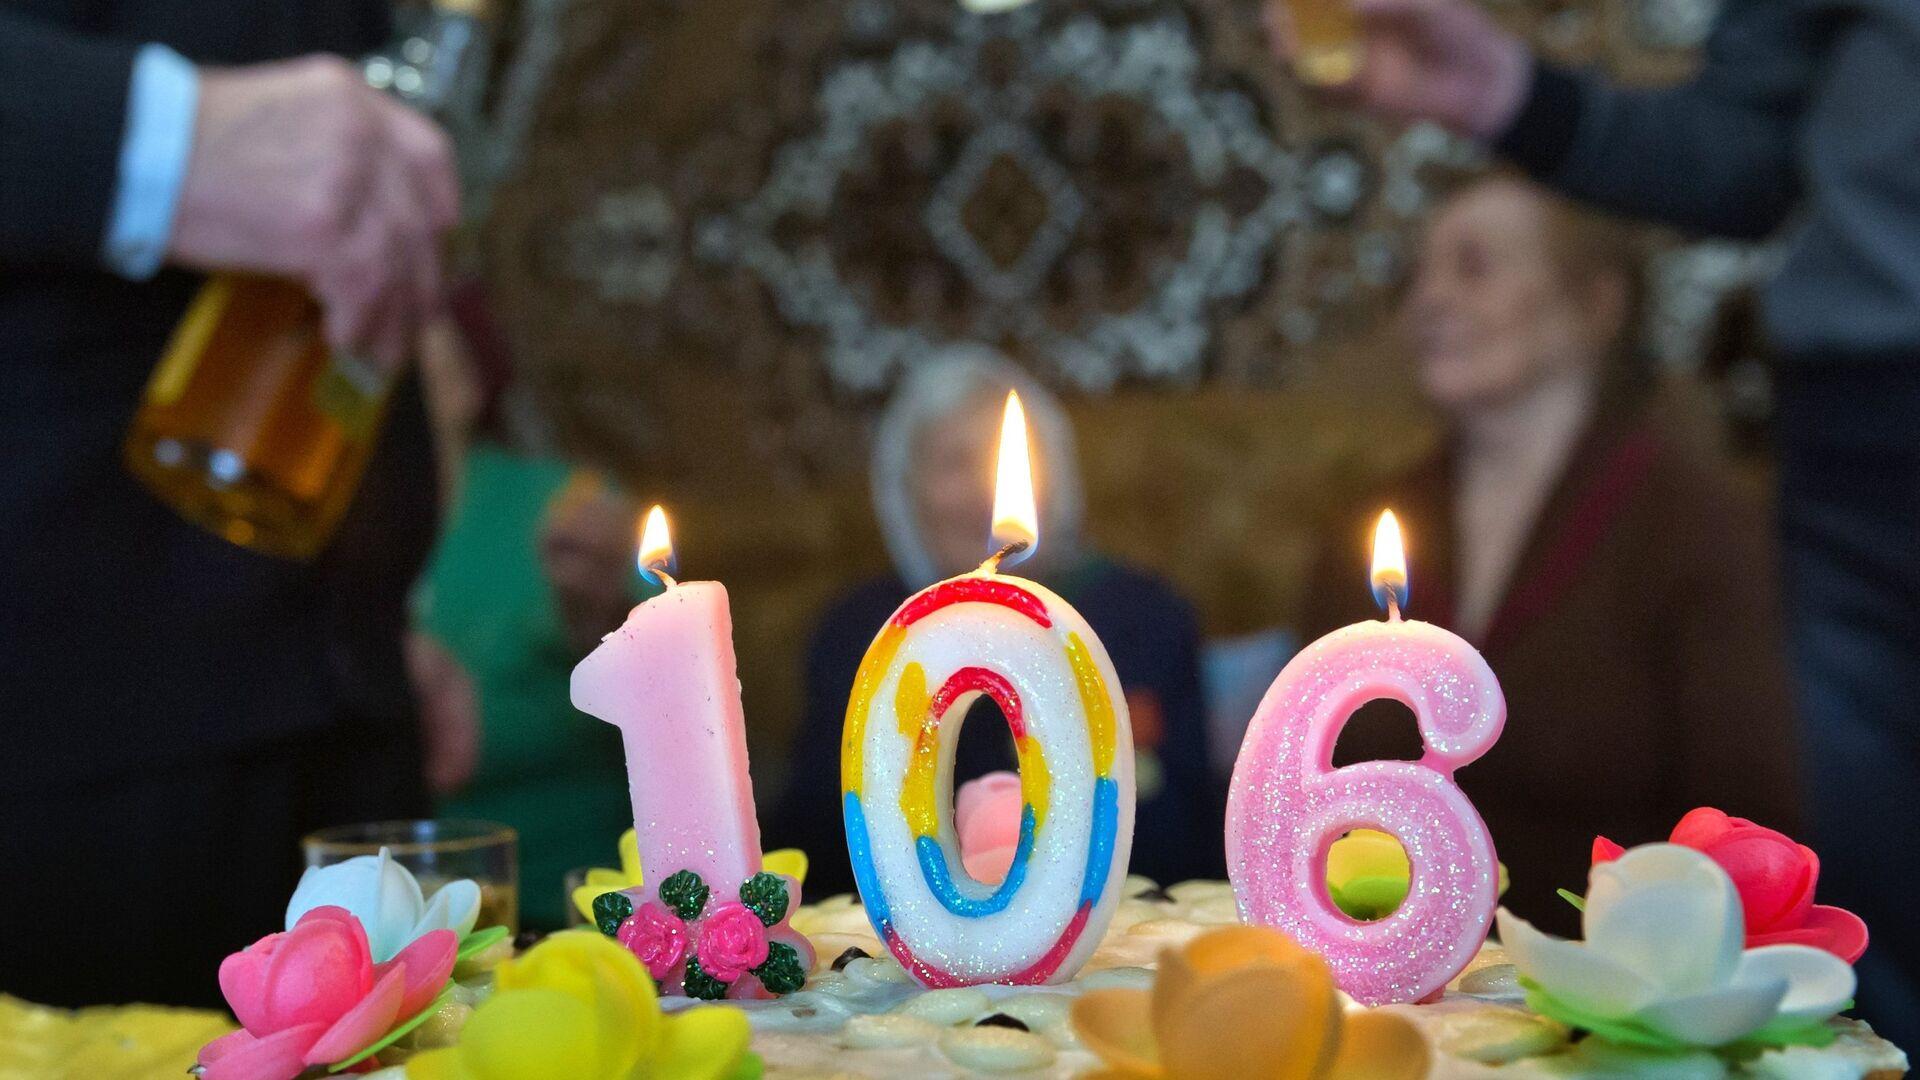 106 лет исполнилось старейшей жительнице Симферопольского района Крыма Агафье Дьячковой - РИА Новости, 1920, 29.07.2020